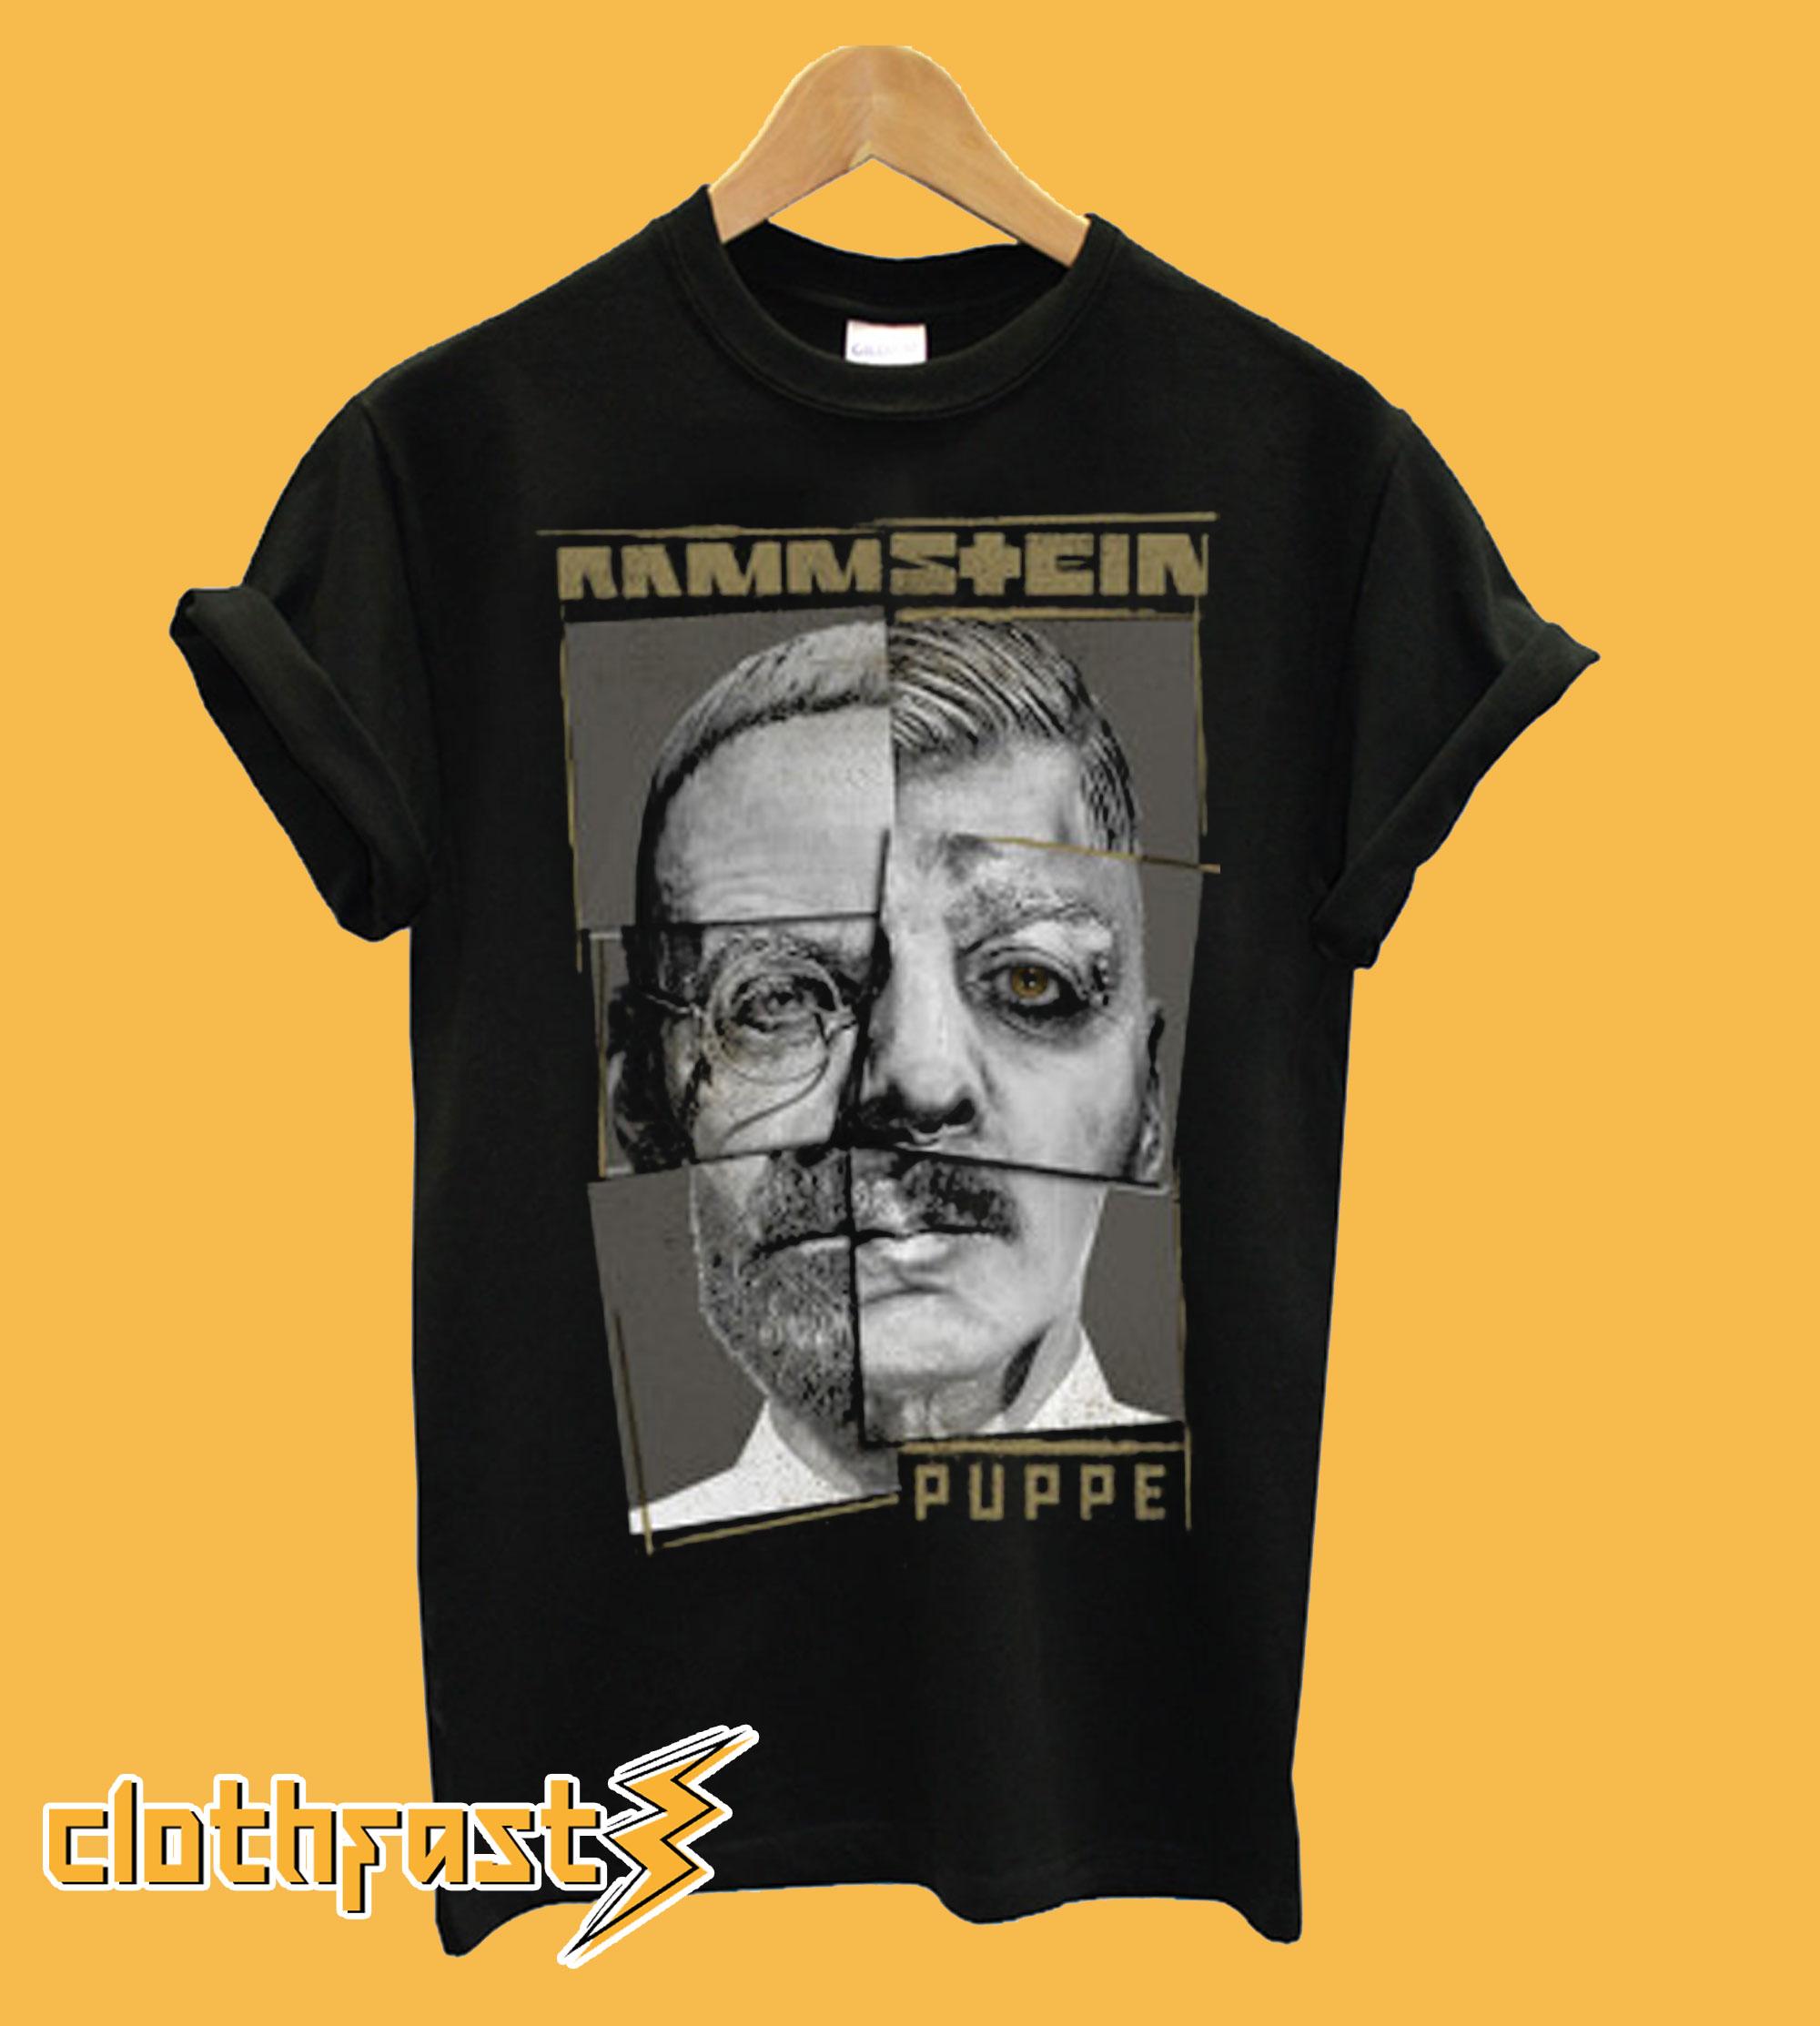 Men's Rammstein T-Shirt